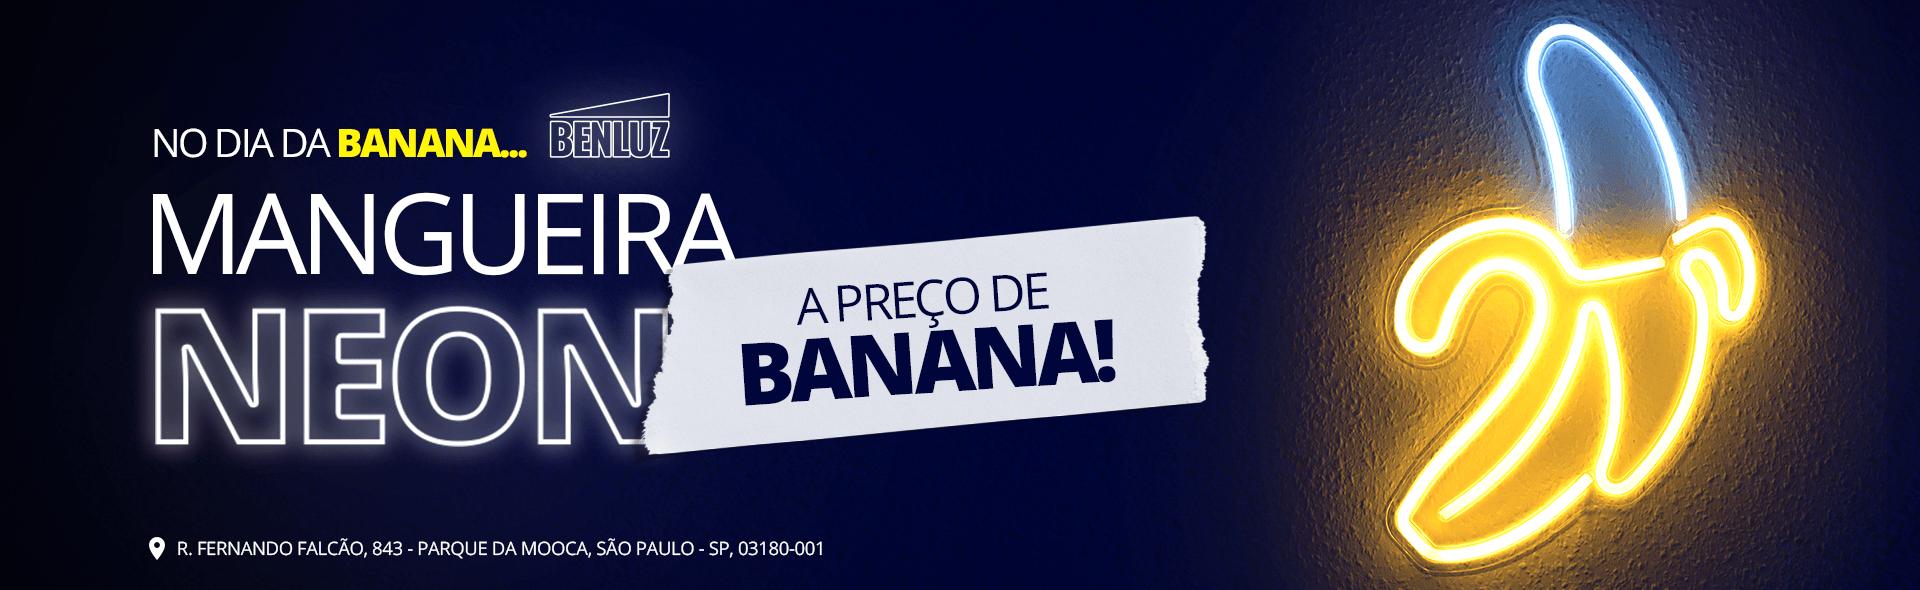 Preço de Banana - Mangueira Neon